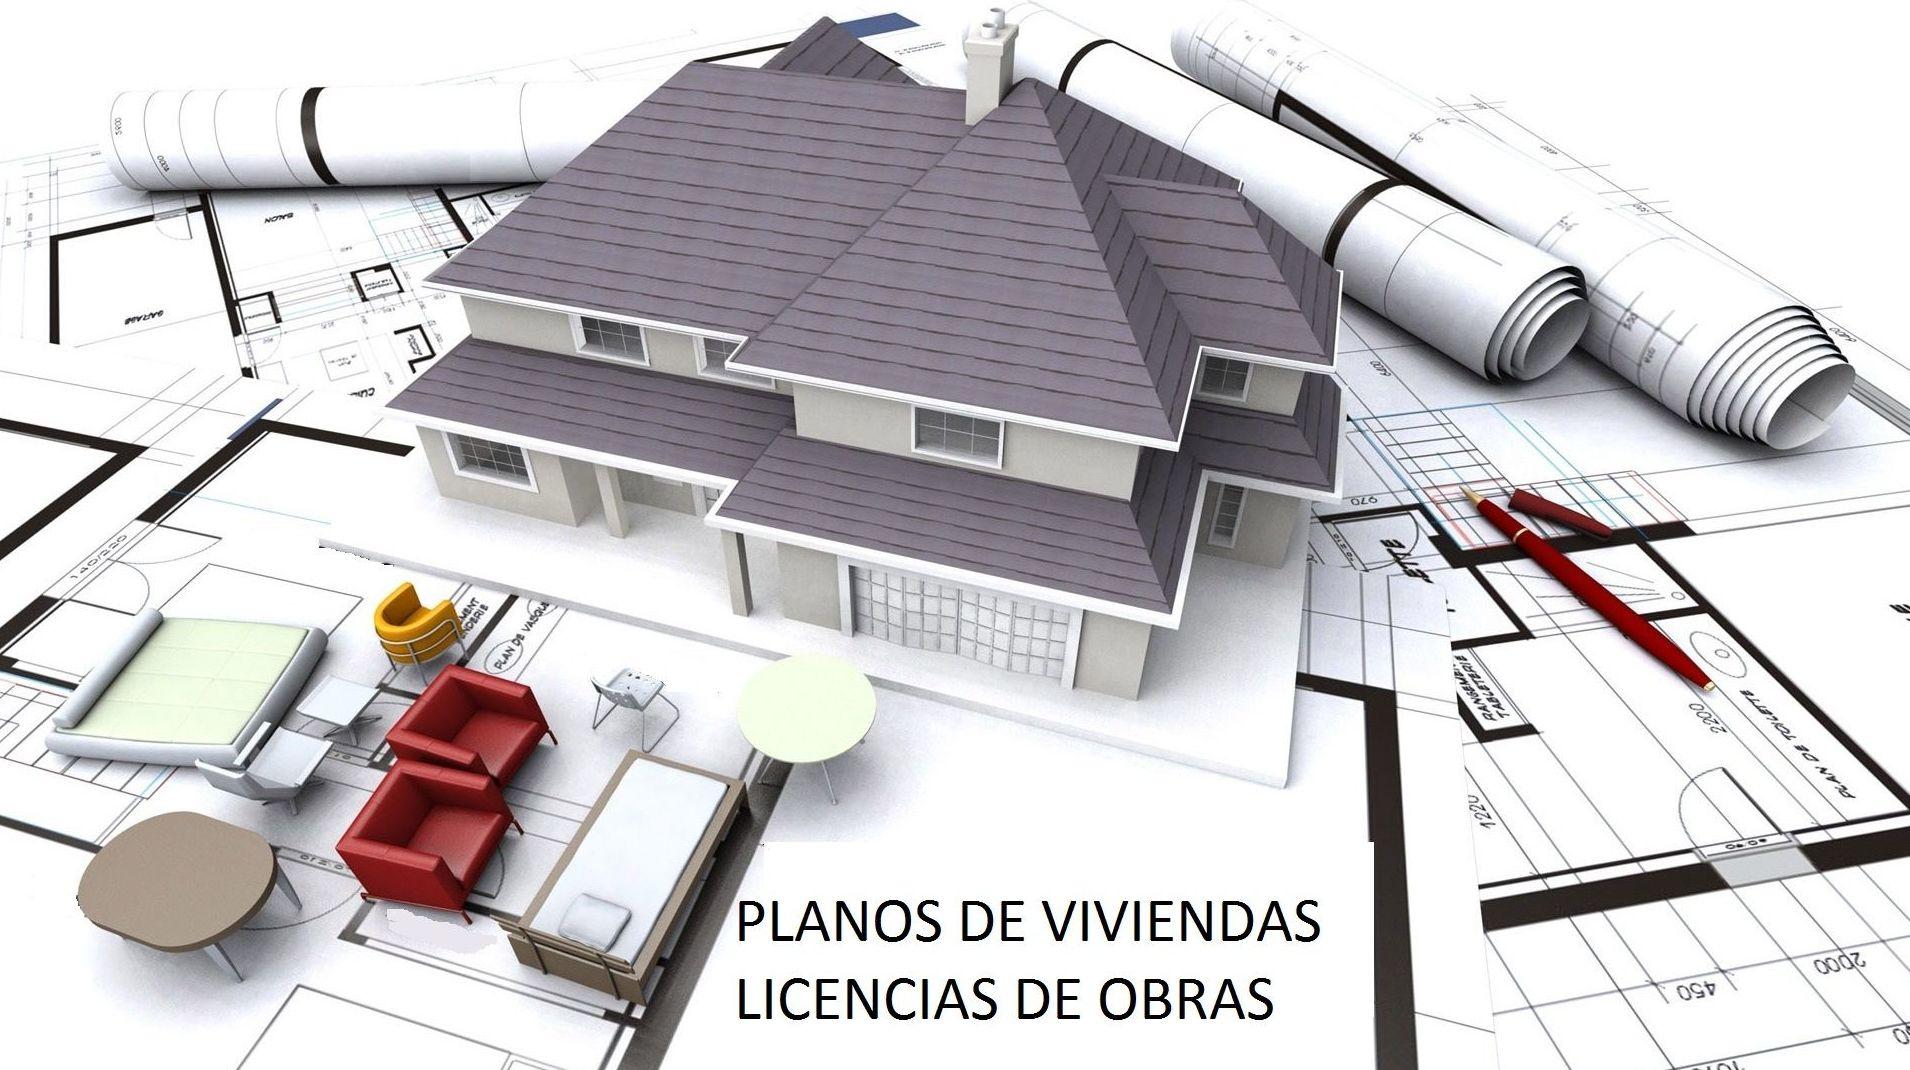 Planos de viviendas y licencias de obras en Alicante